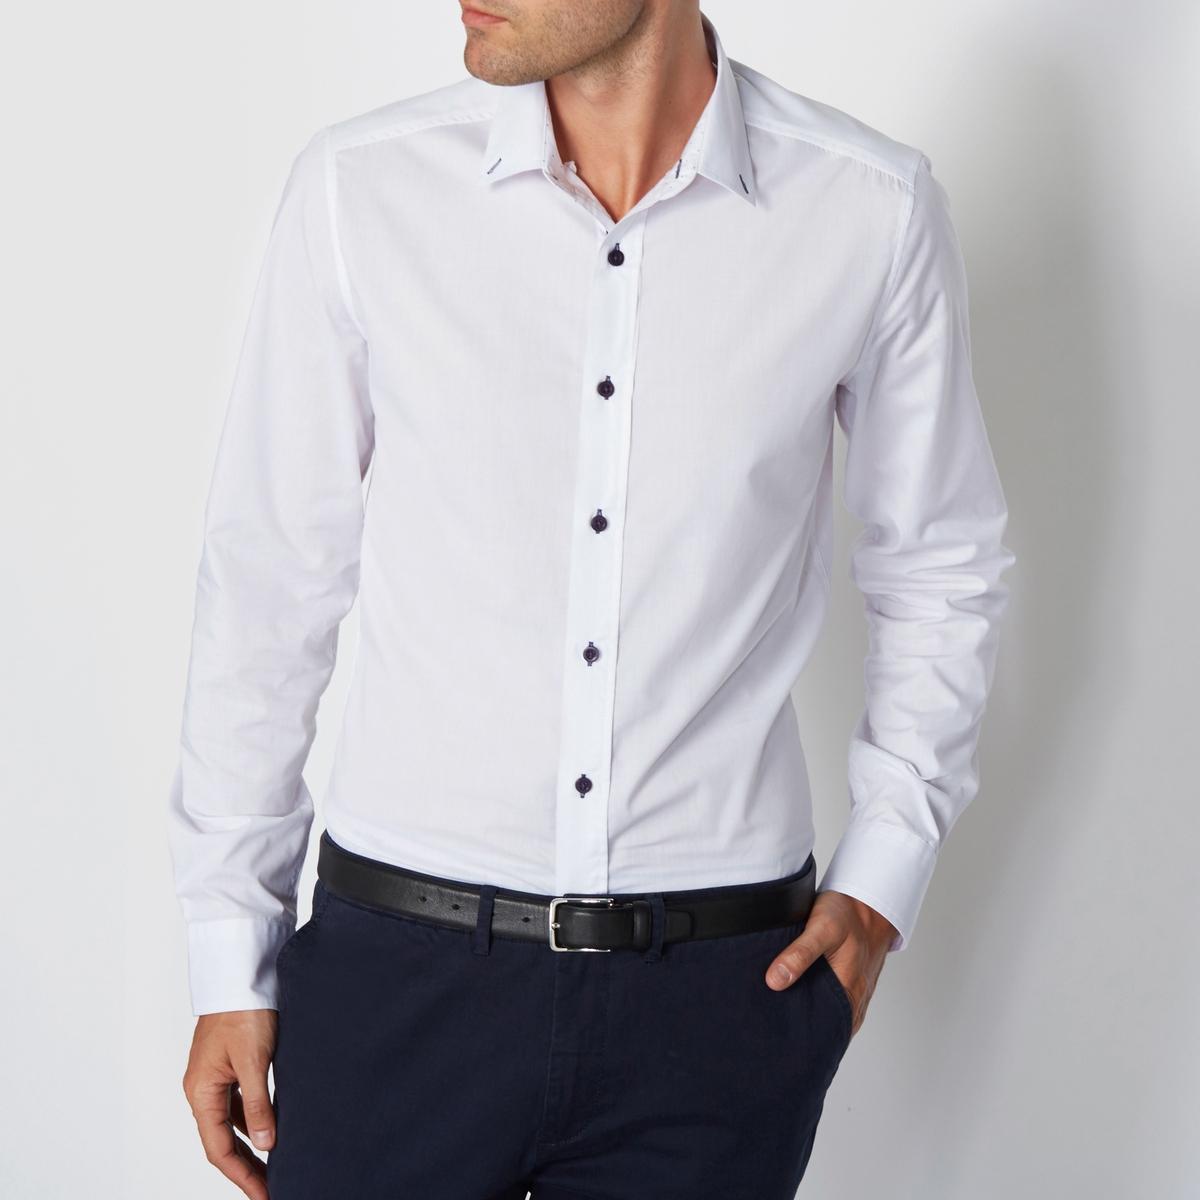 Рубашка однотонная узкого покроя с длинными рукавамиМатериал : 55% хлопка,  45% полиэстераУзкий покрой. Застежка на пуговицы.<br><br>Цвет: белый